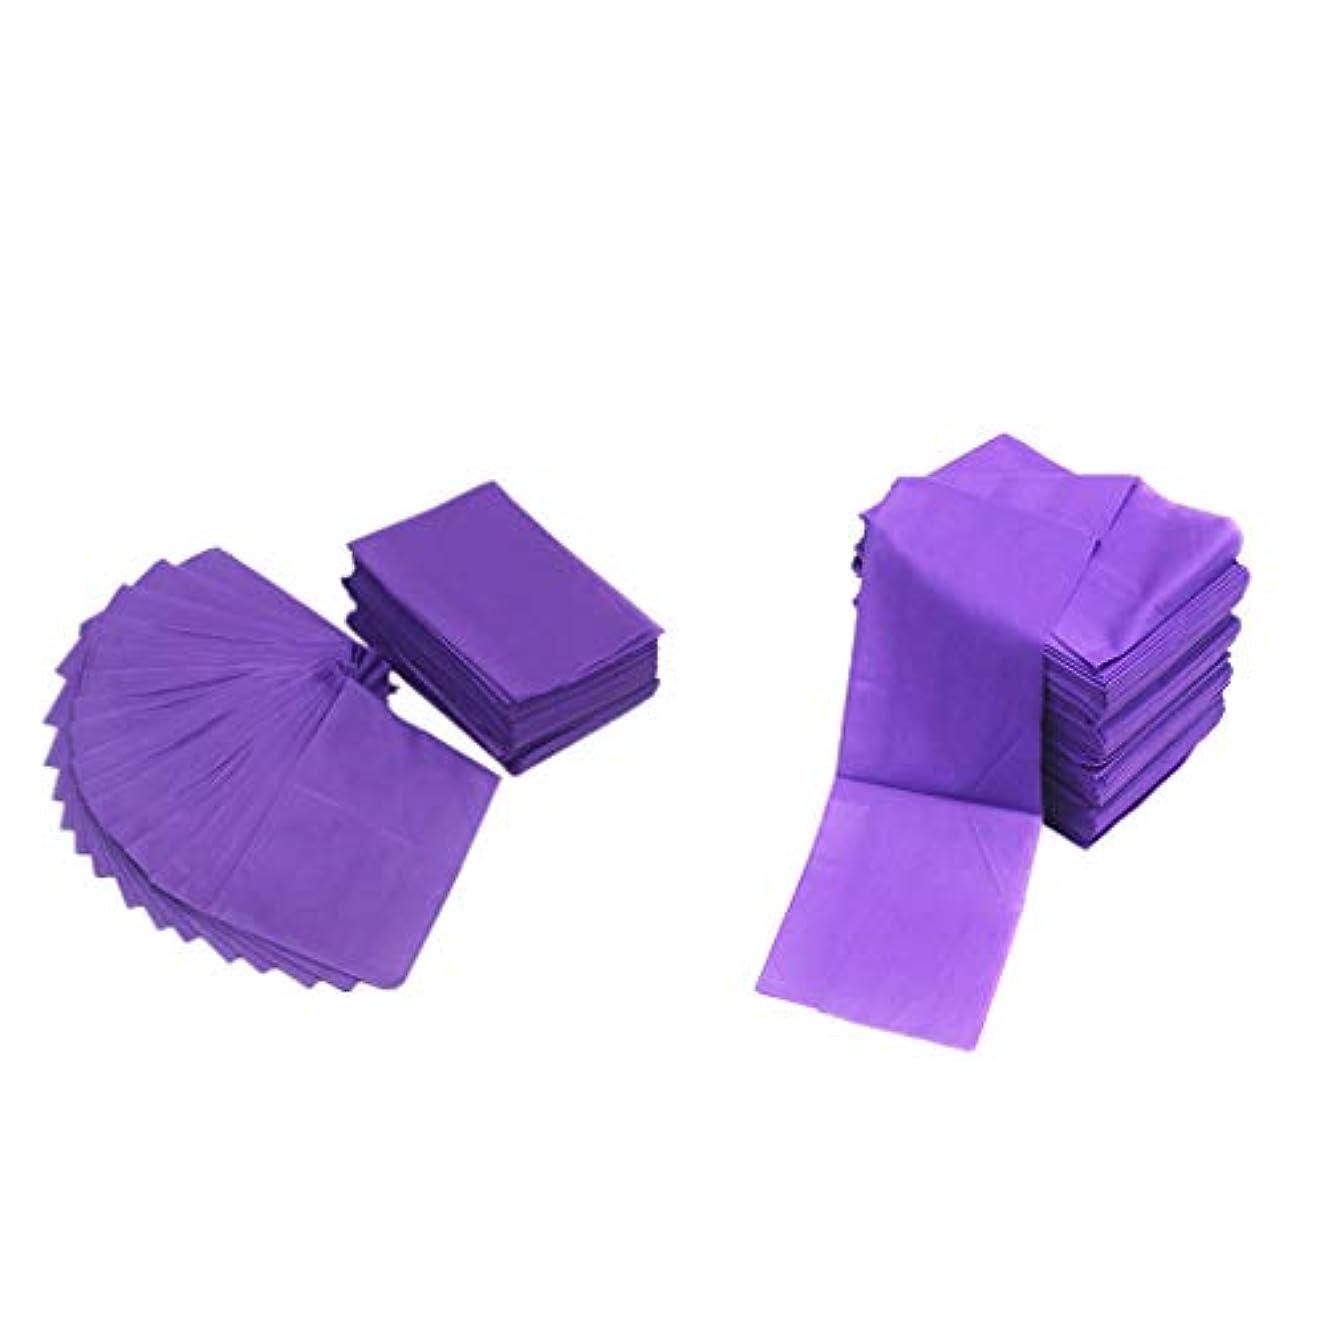 艶説明的クリップテーブルシーツ ベッドカバー マッサージ ベットシート 不織布 使い捨て 防水 パープル 20ピースセット